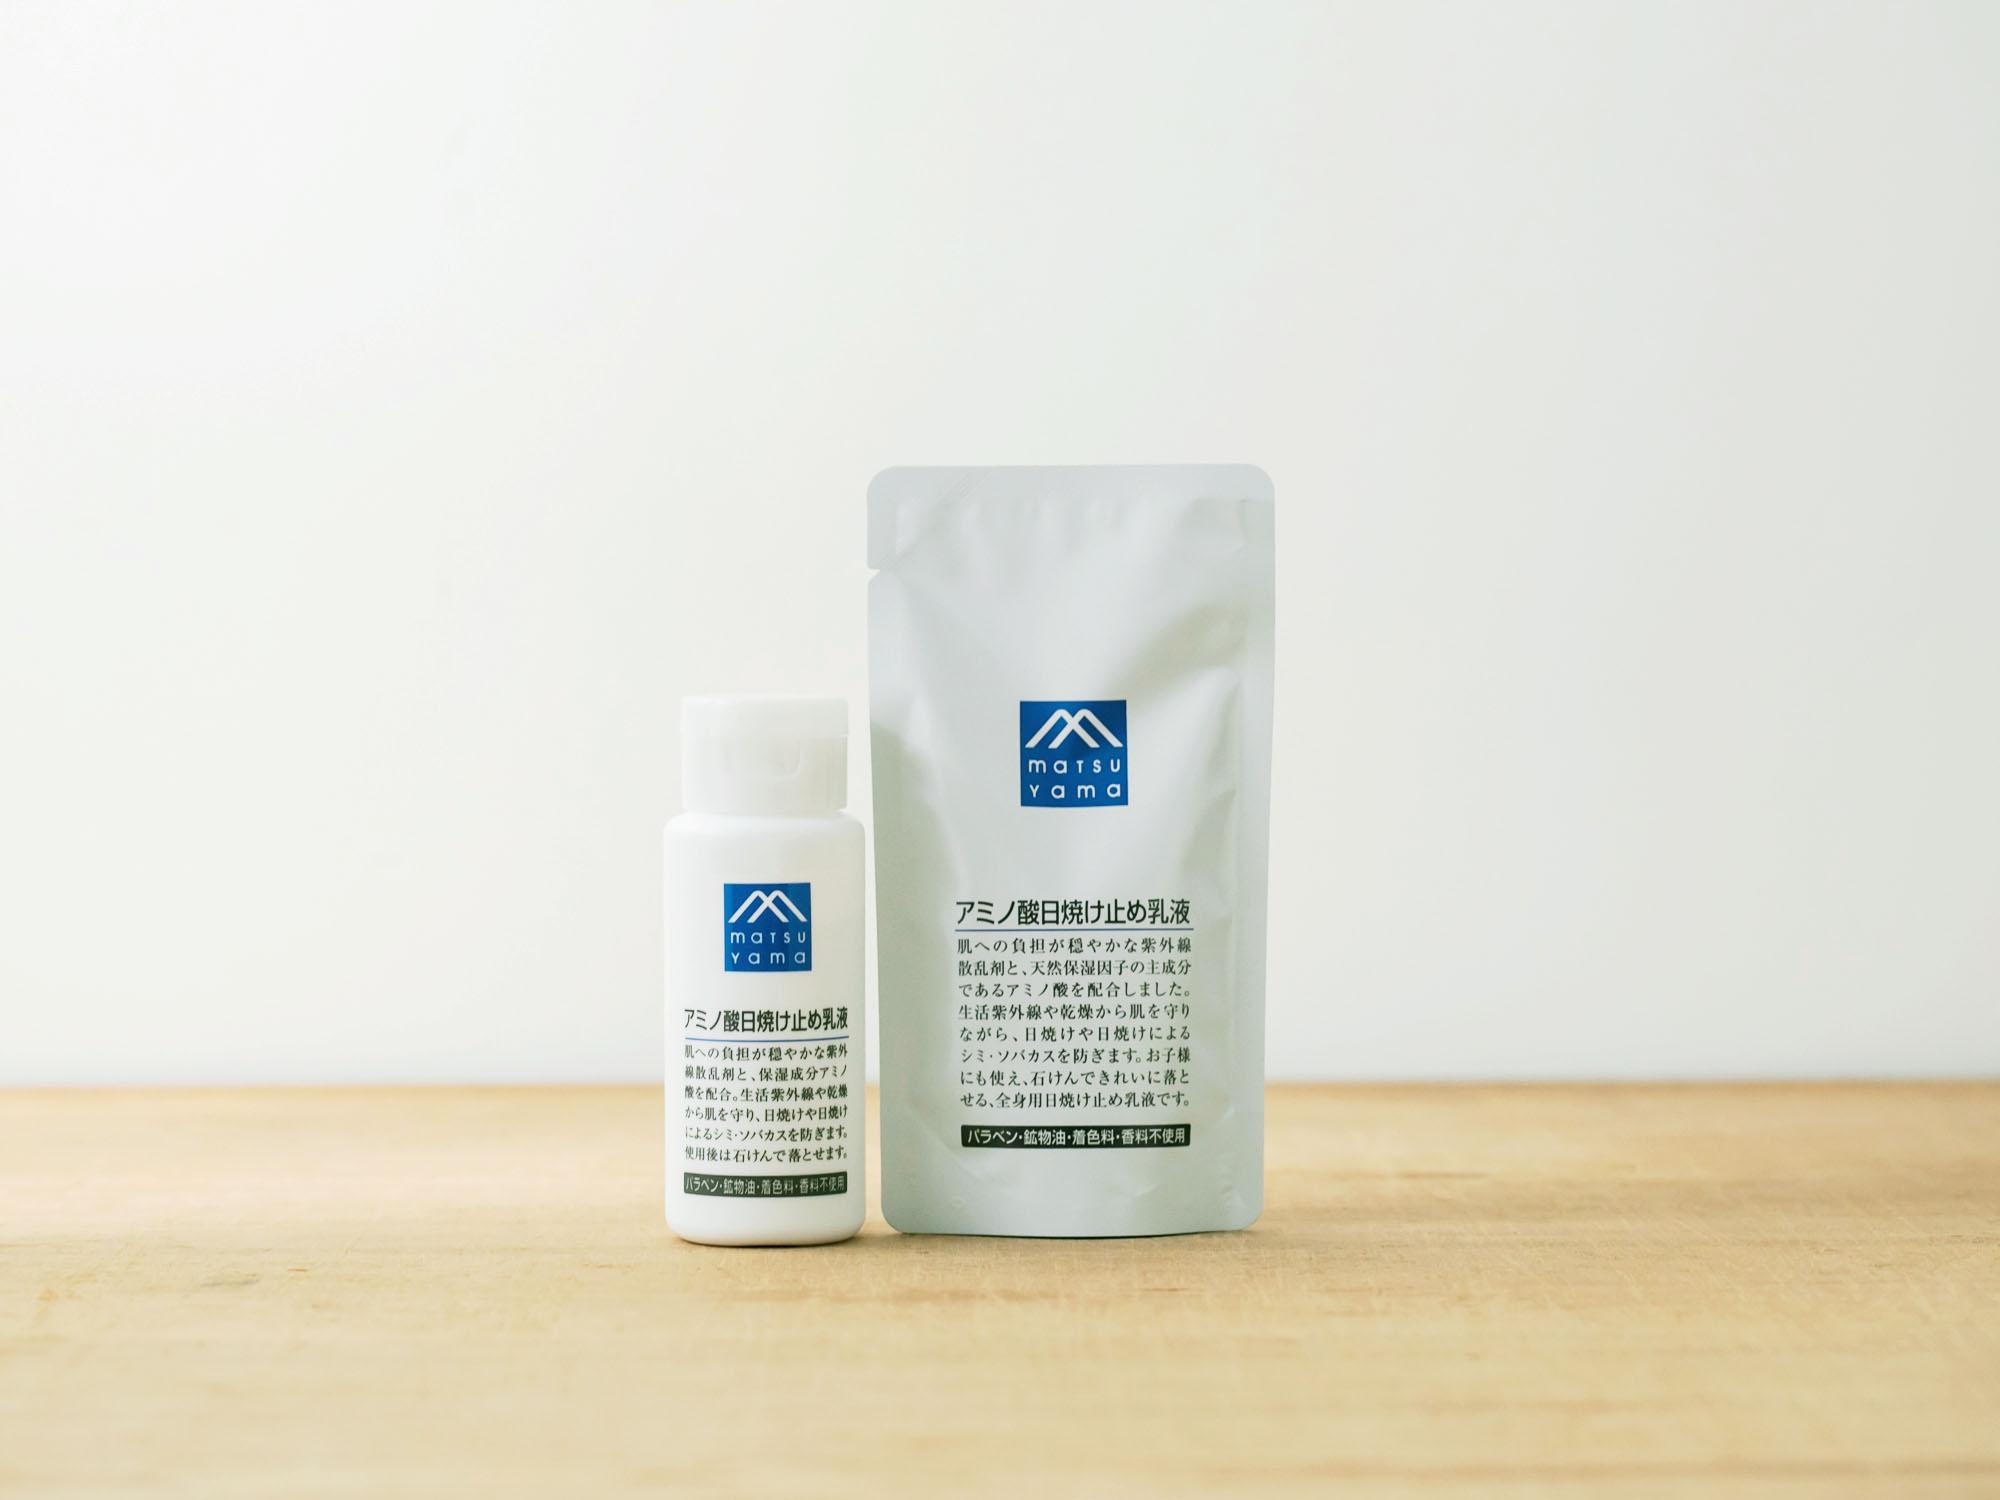 松山油脂 M-mark アミノ酸日焼け止め乳液